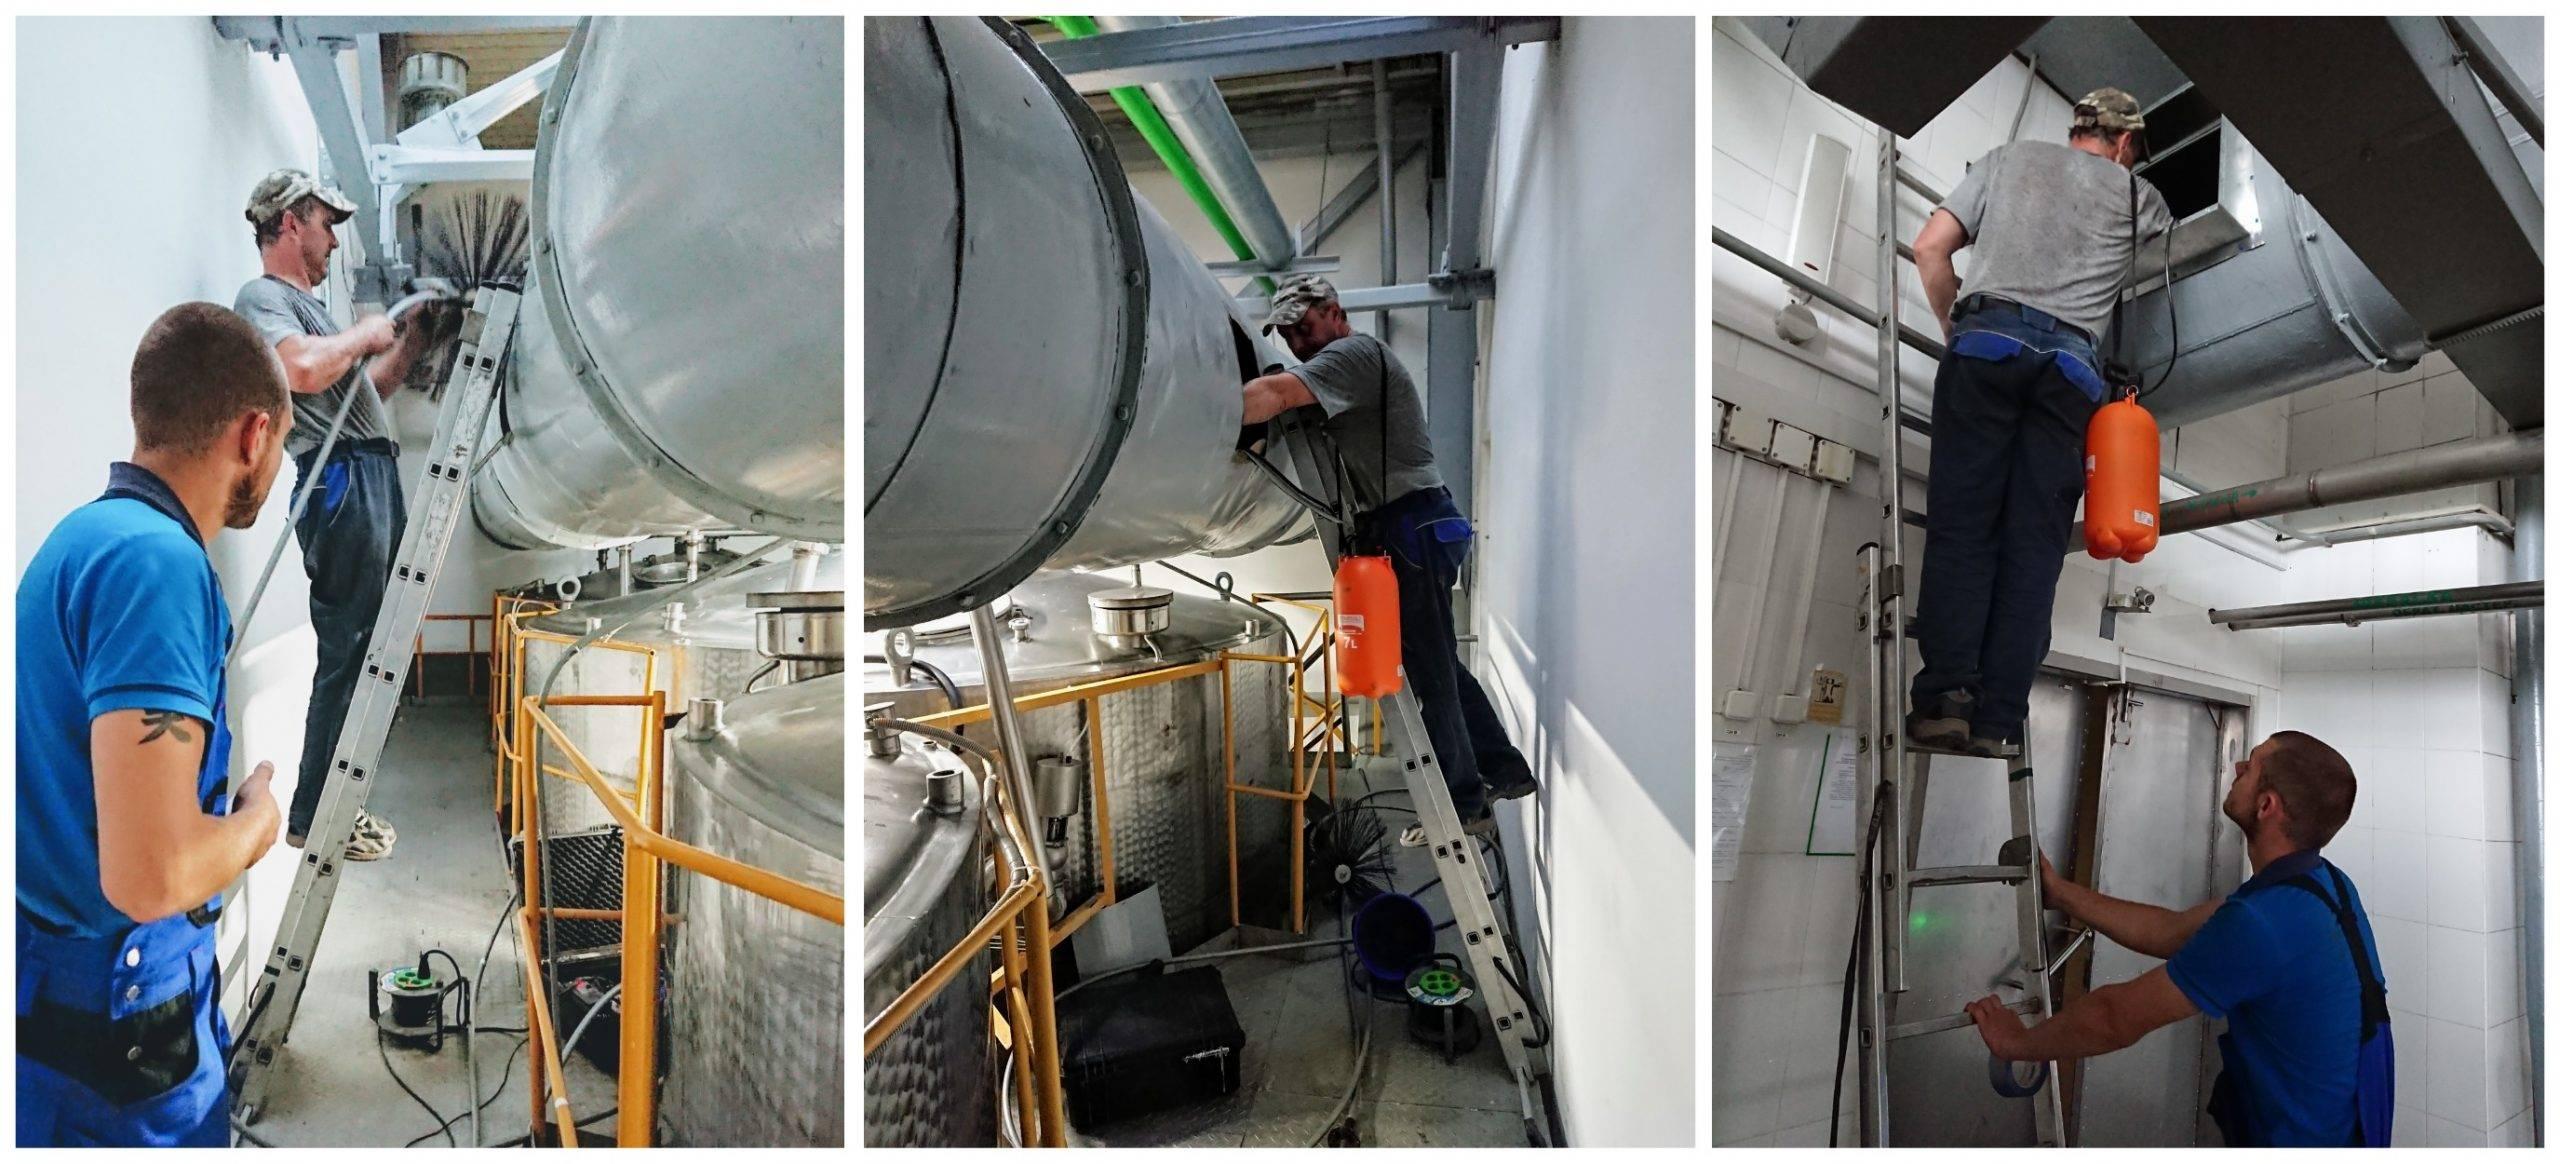 Как сделать дезинфекцию воздуховода в вентиляции- обзор и виды и инструкция +видео